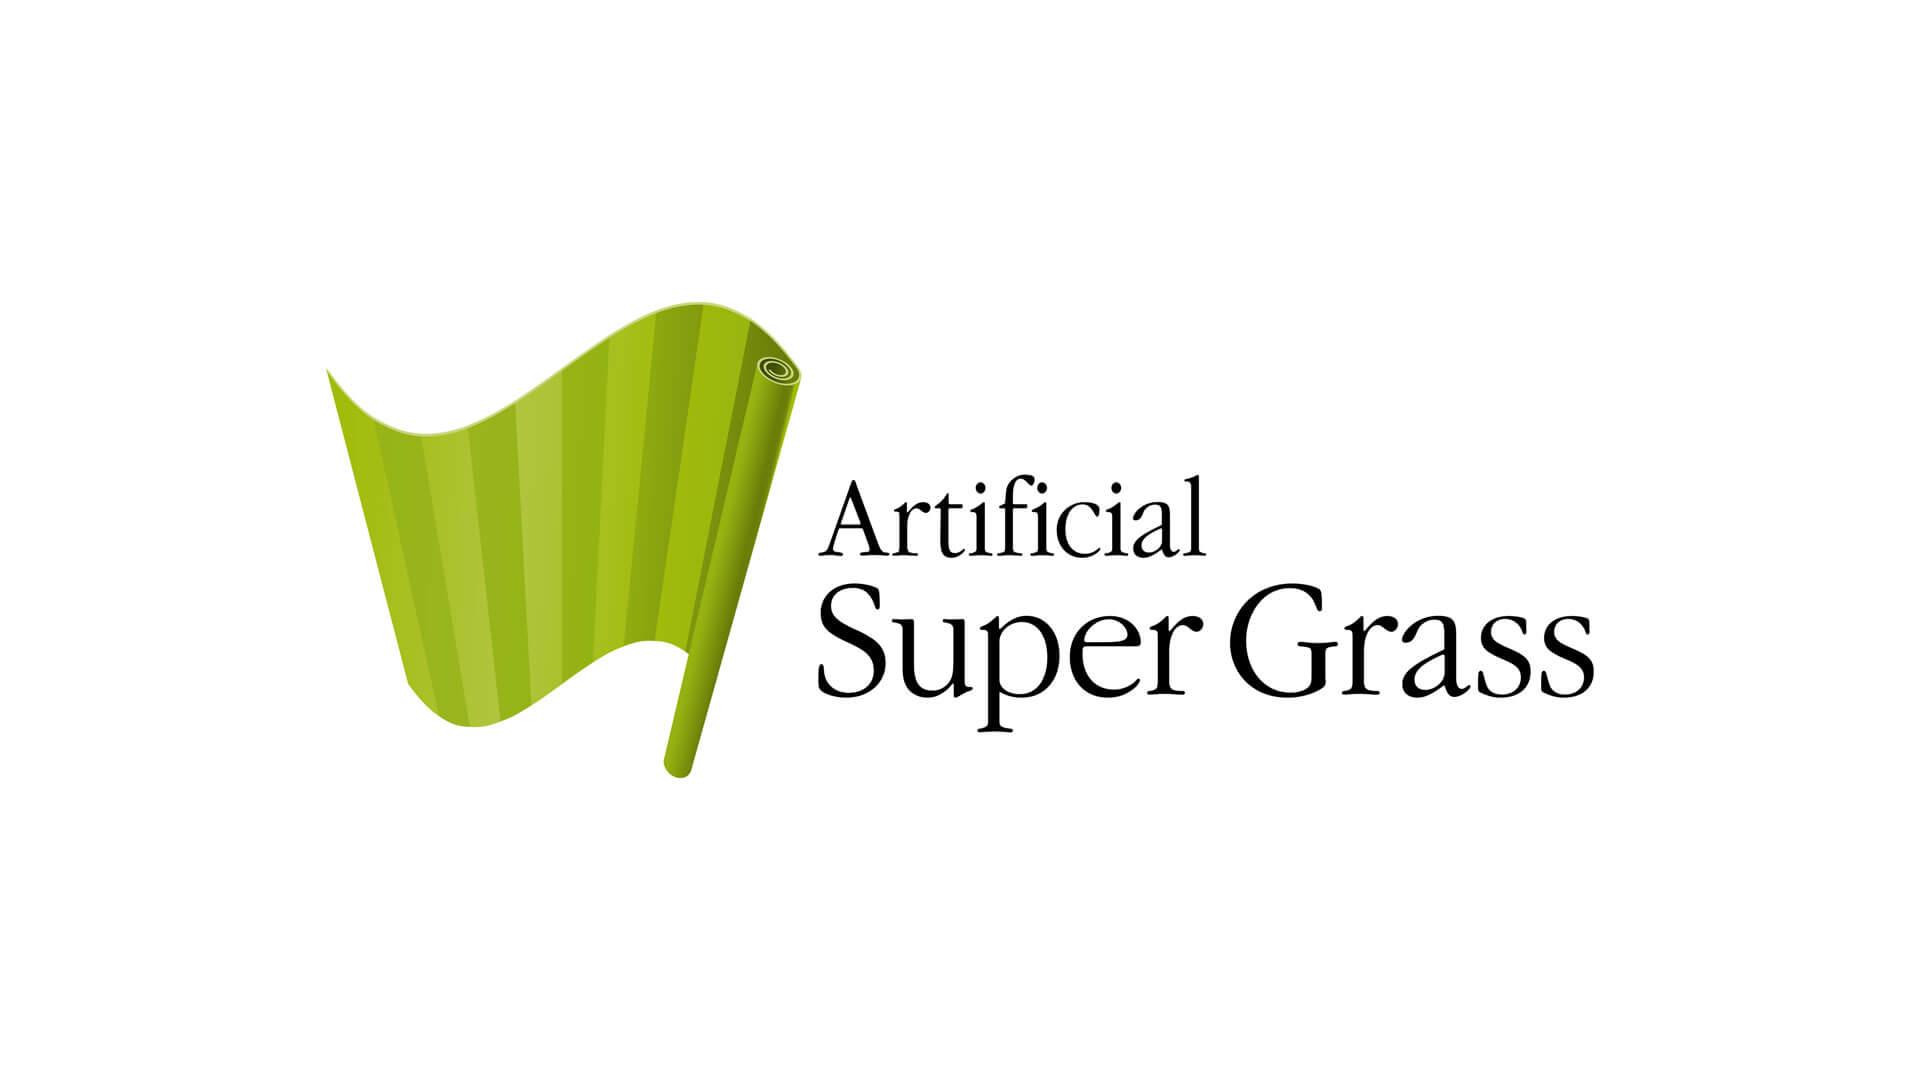 artificial super grass 2